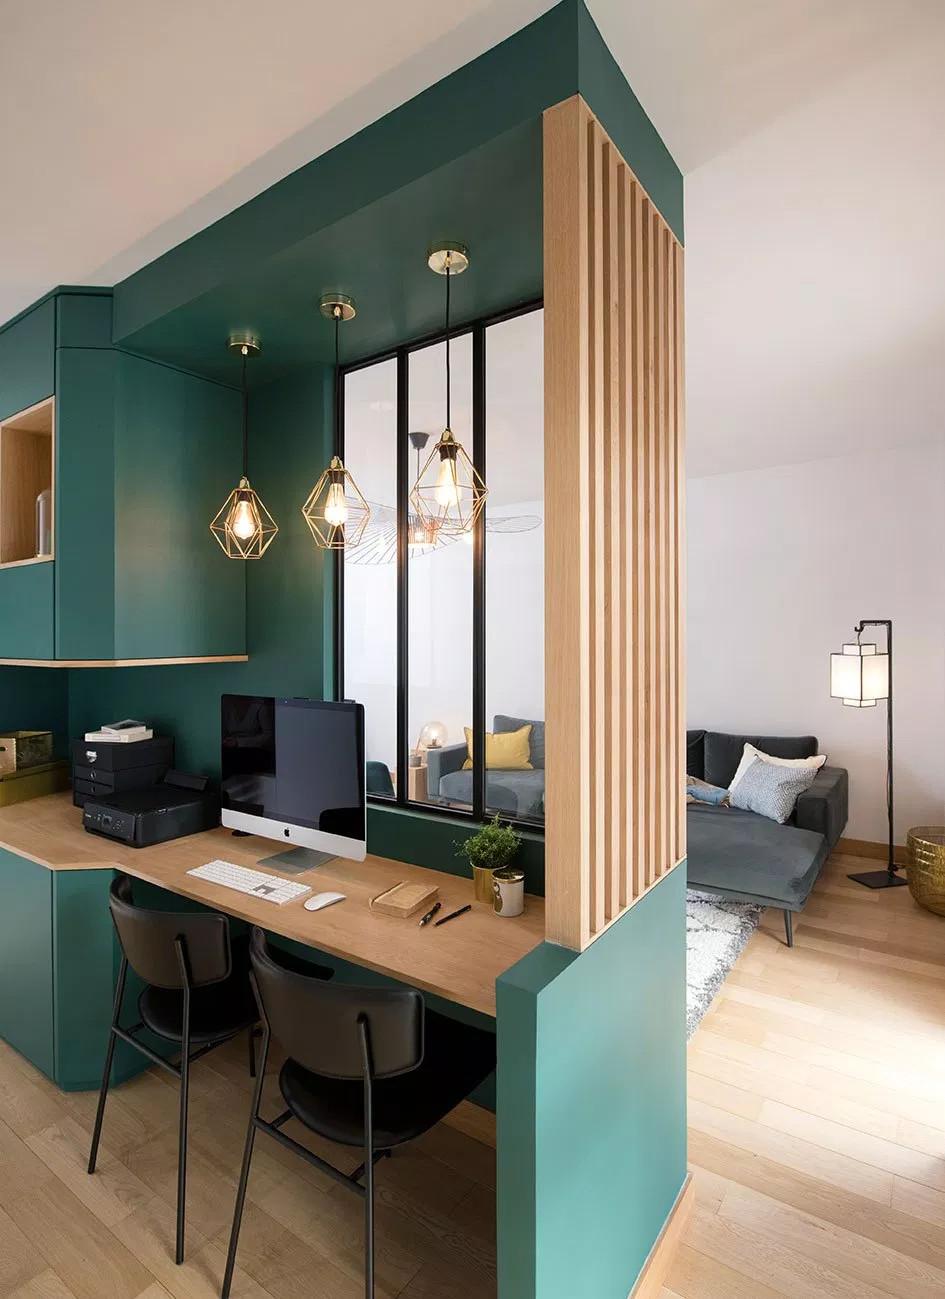 9 điều giúp bạn thiết lập một 'văn phòng làm việc' tại nhà cho riêng mình theo cách hoàn hảo nhất - Ảnh 2